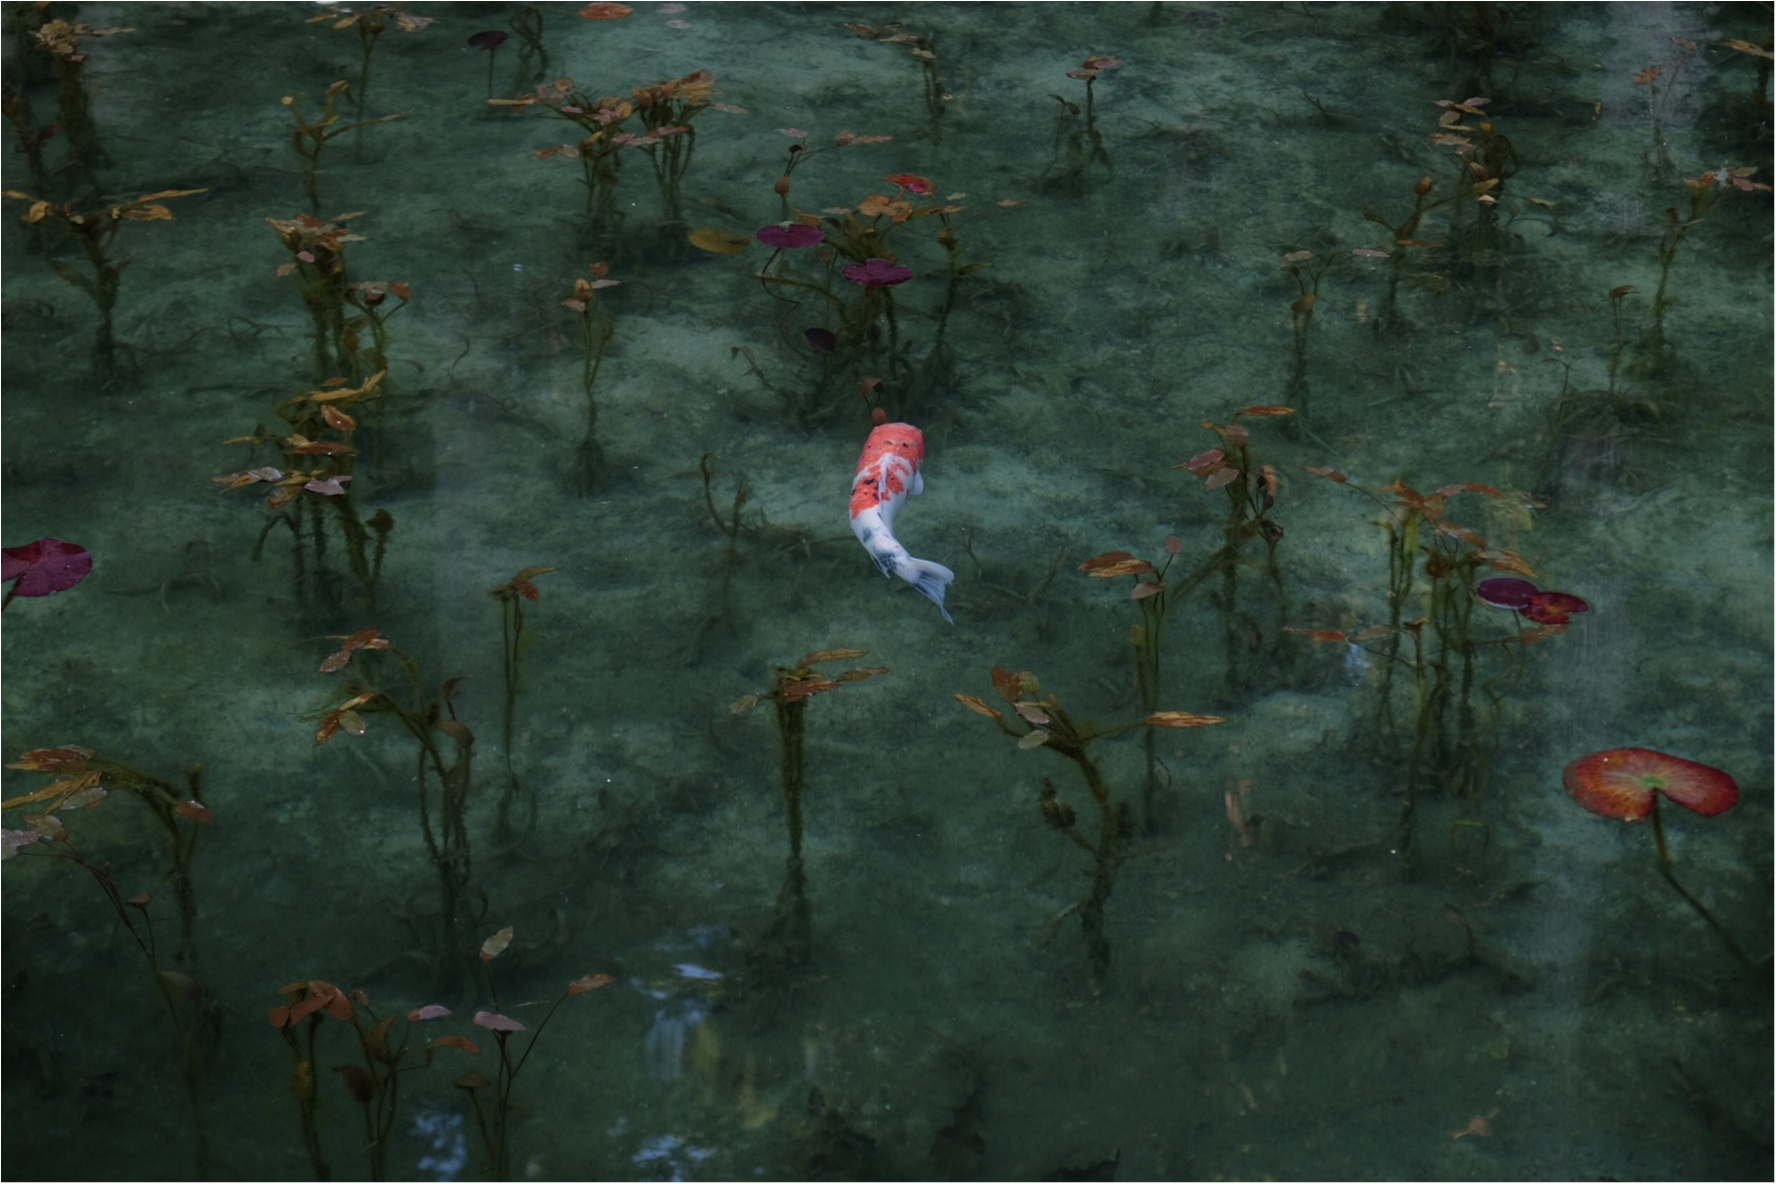 …ஐ オススメスポット✌︎あの【モネの池】が、岐阜県に実在した?! ஐ¨_2